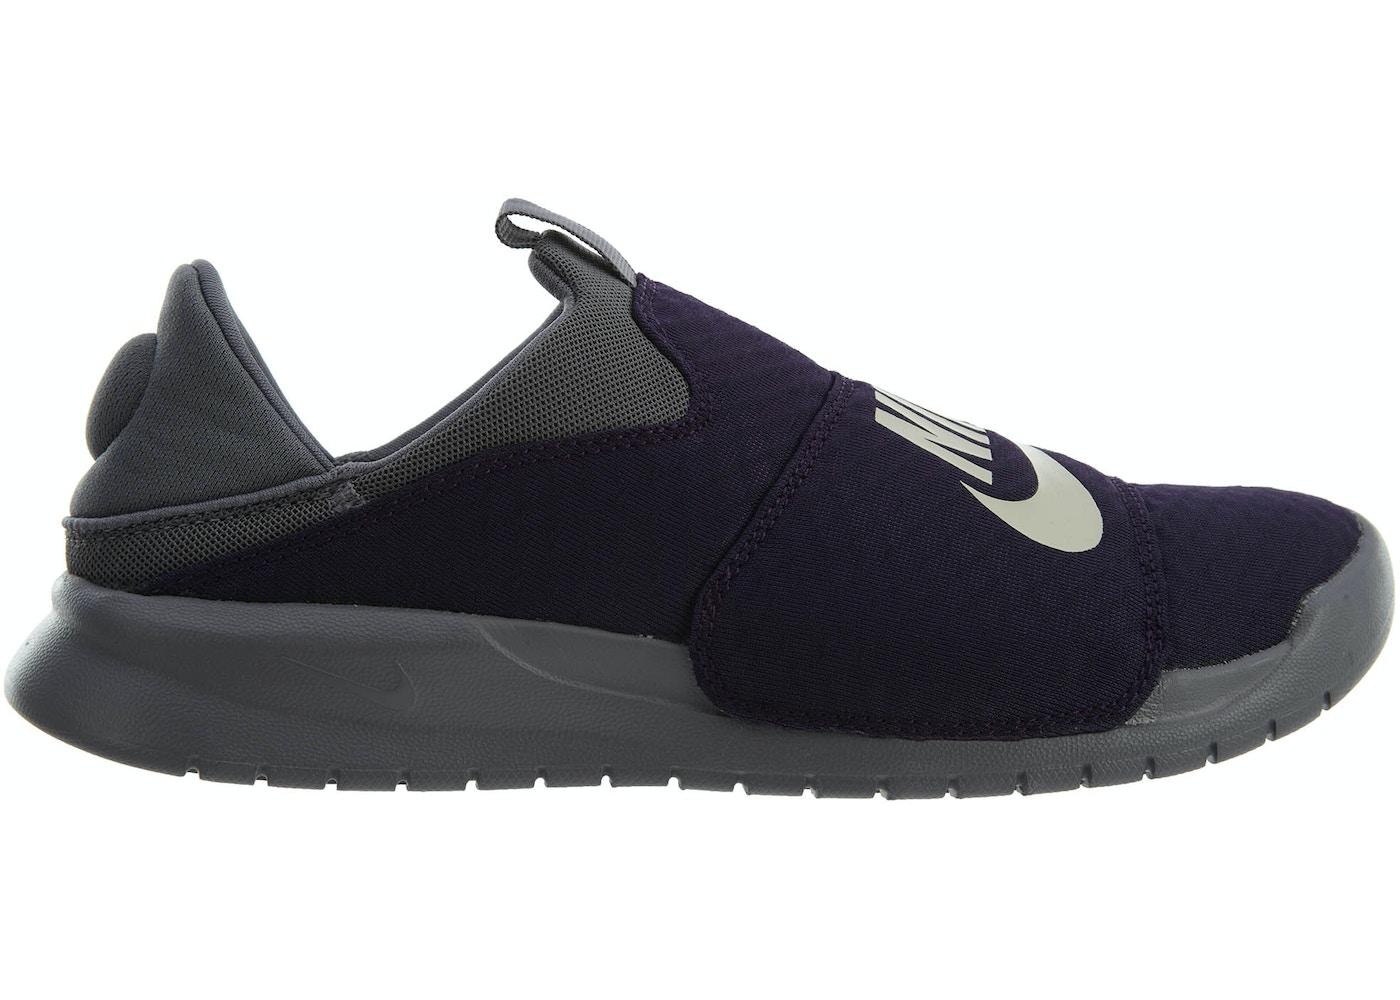 big sale 35e22 15052 Nike Benassi Slp Grand Purple Desert Sand - 882410-500